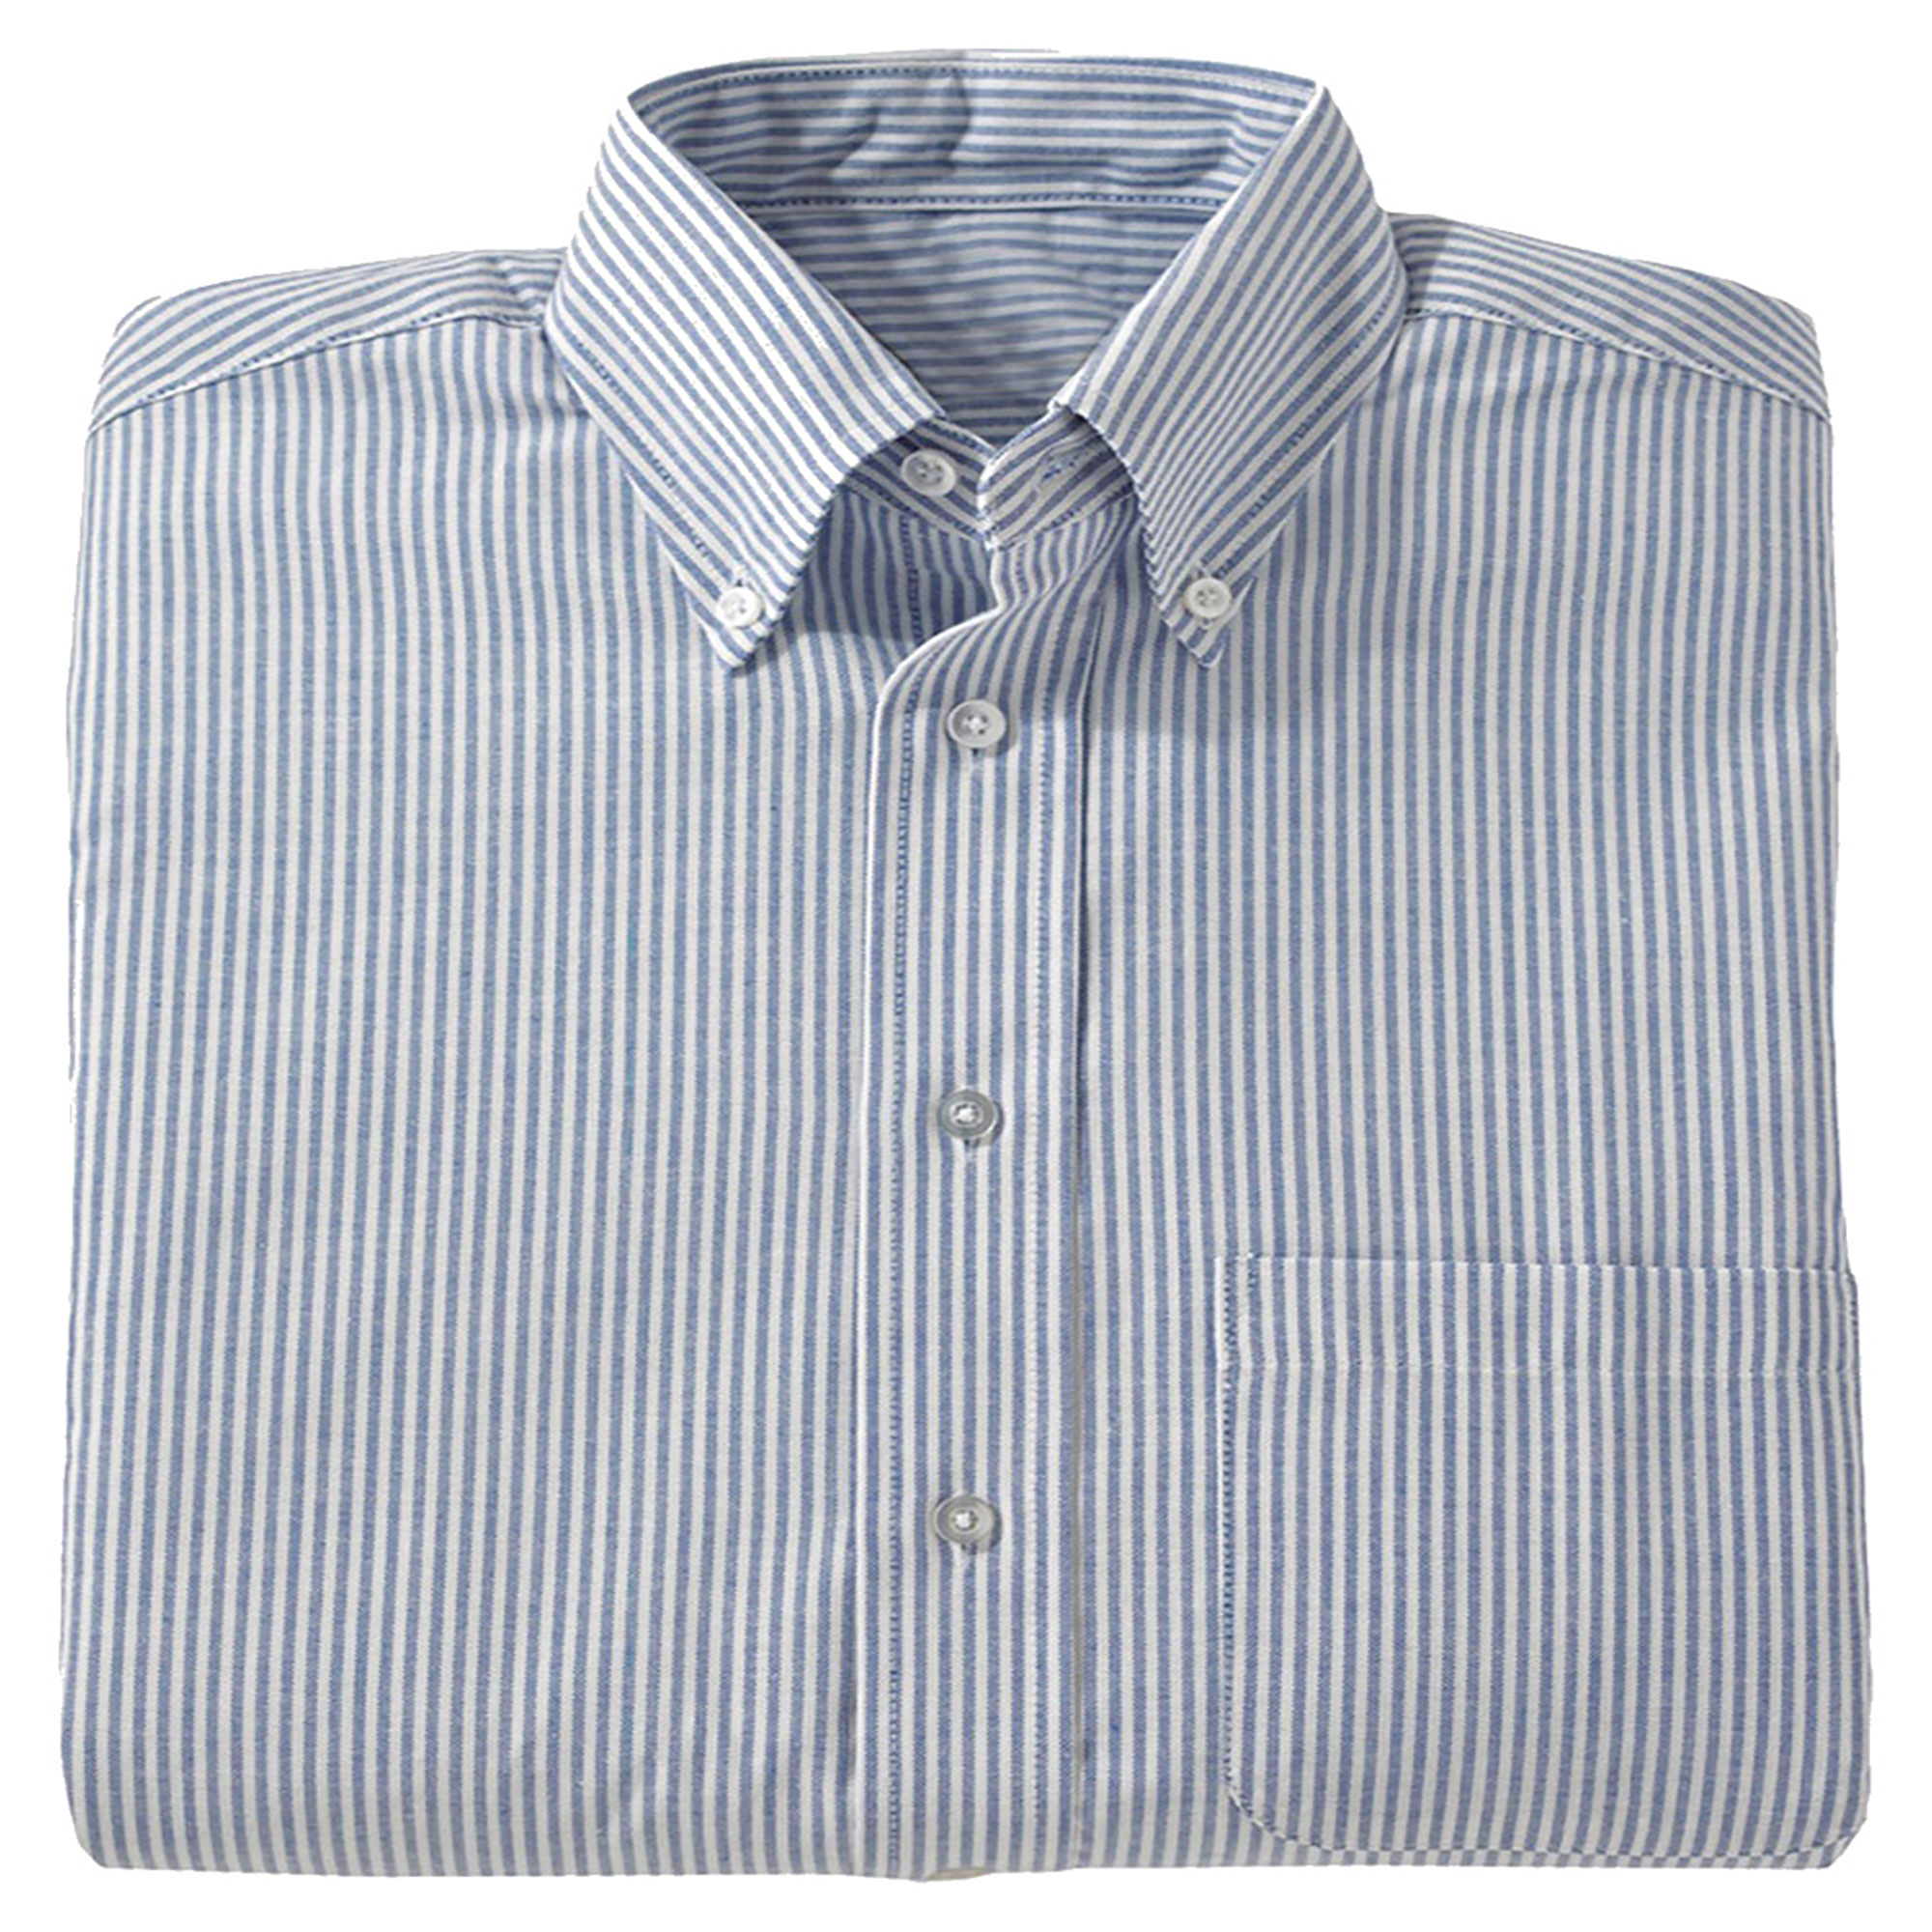 Edwards Men's Short Sleeve Oxford Shirt, Style 1027